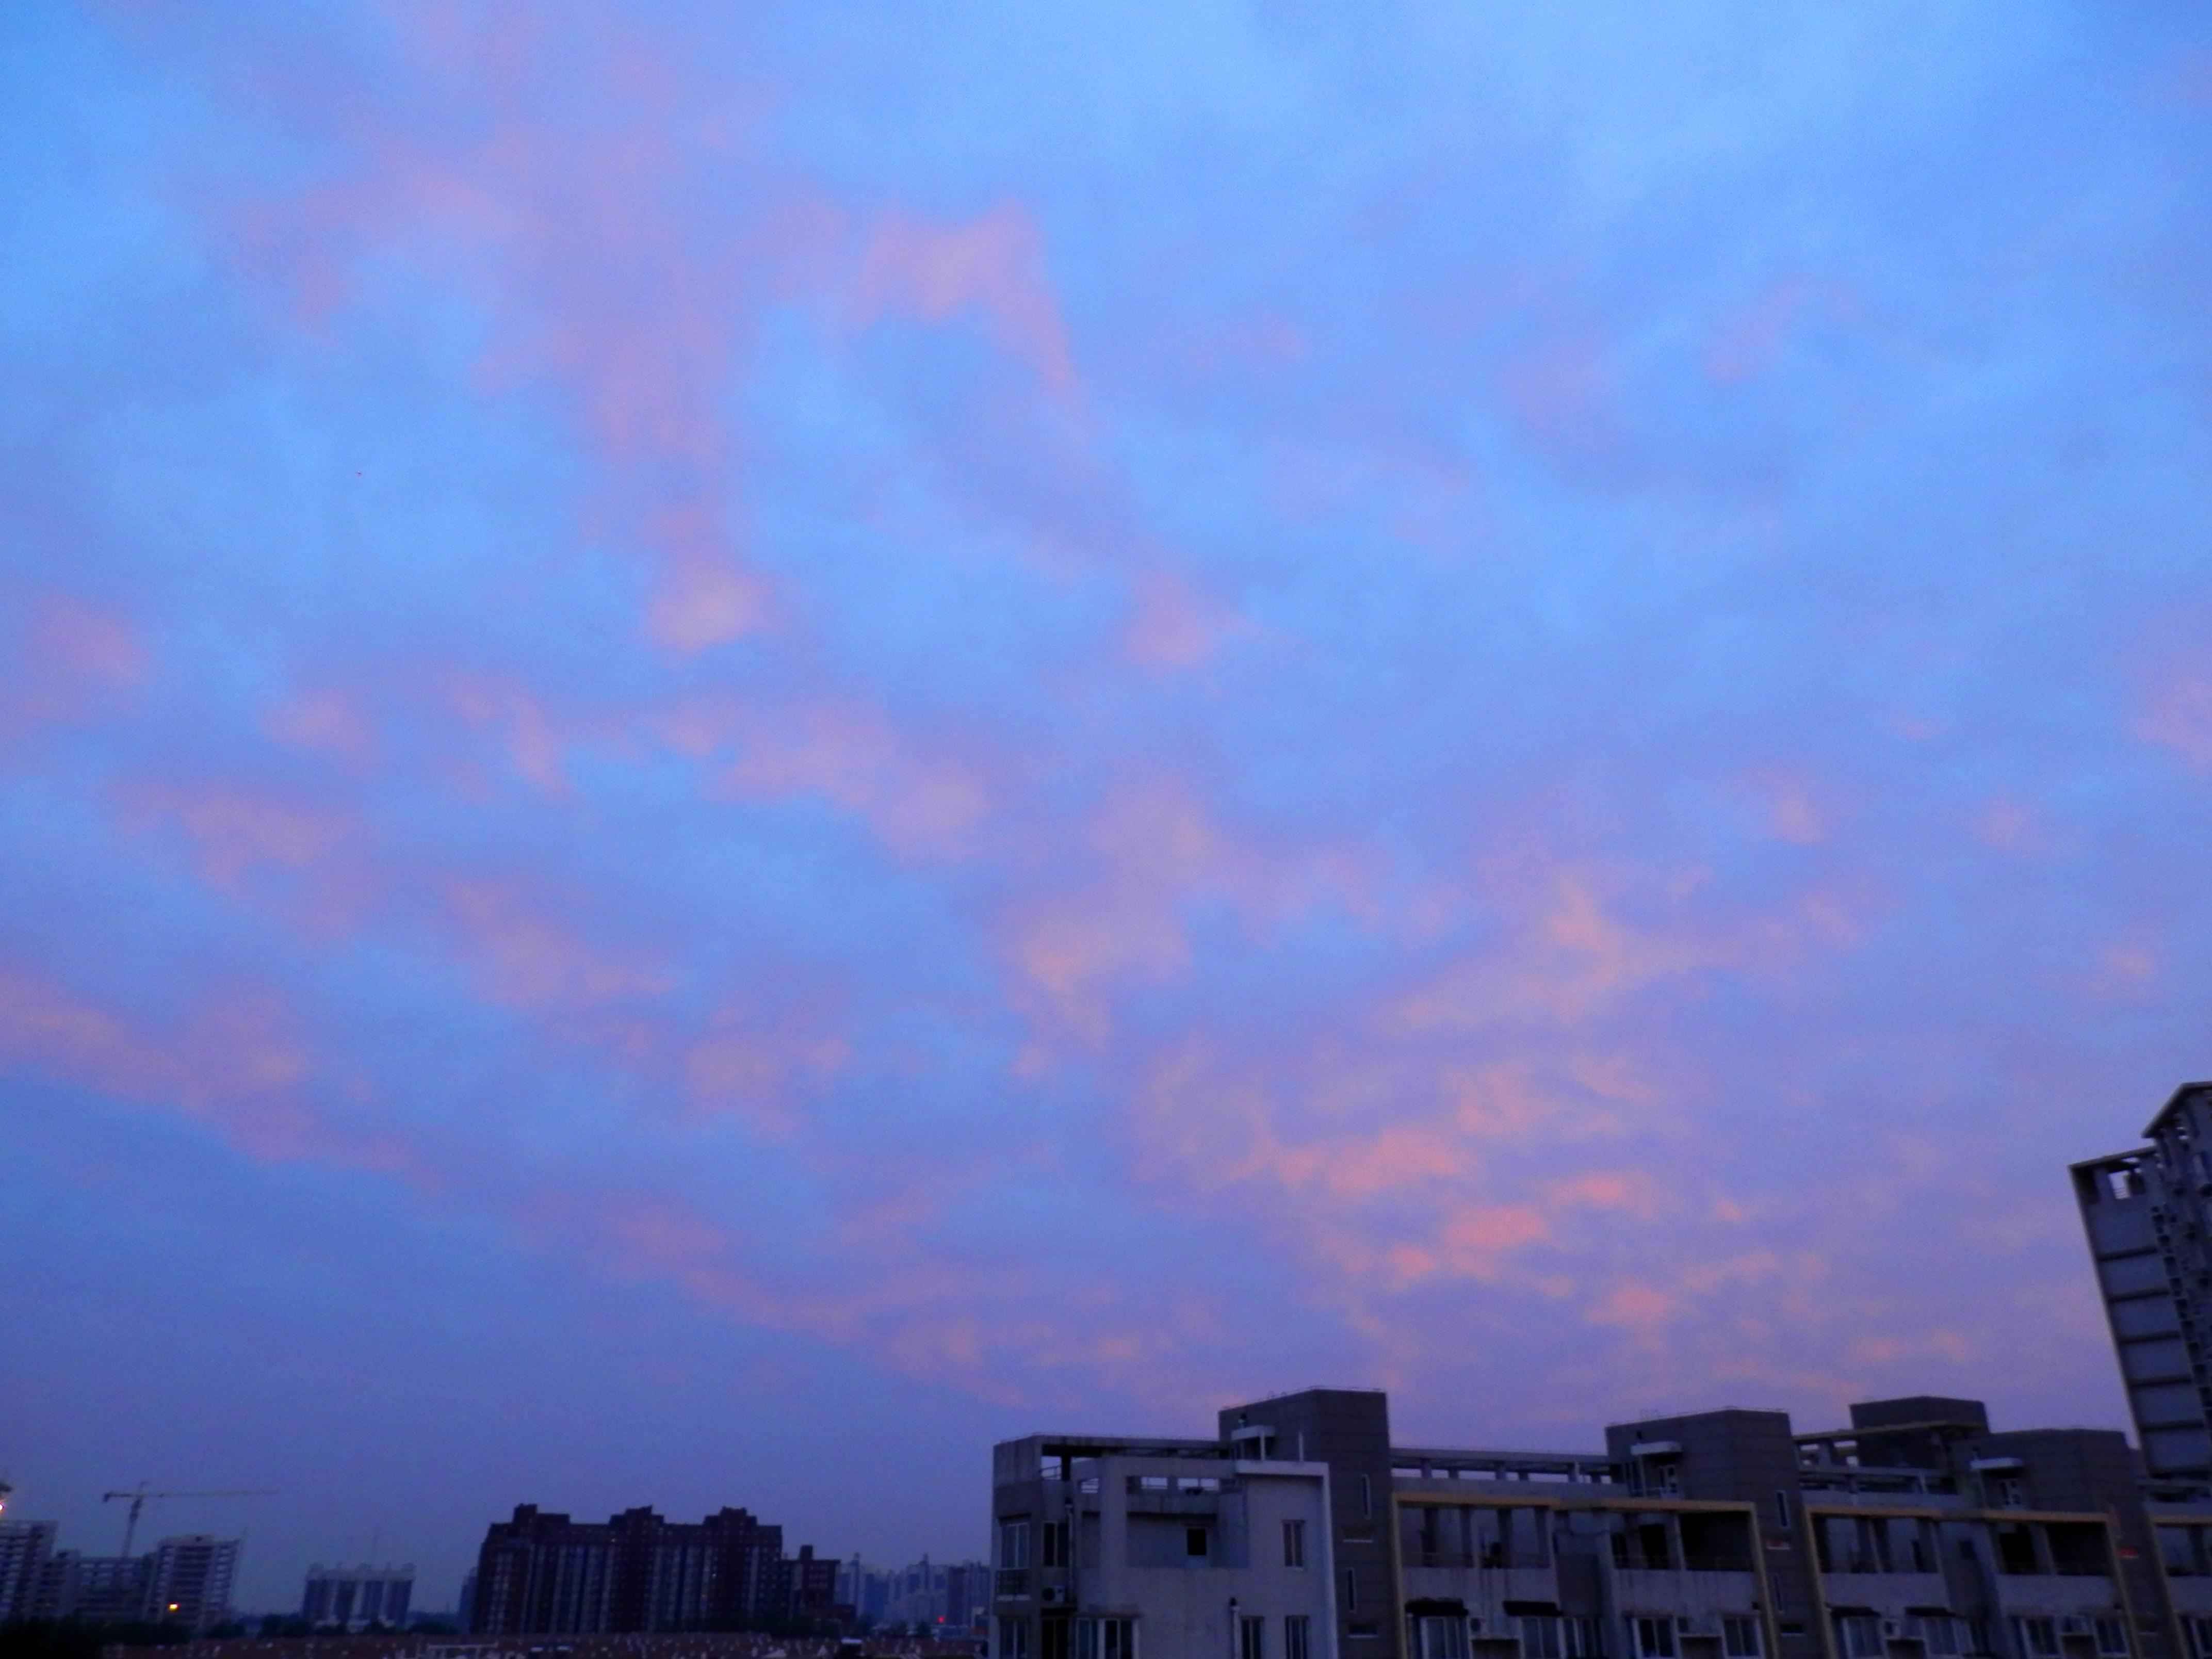 untitled_by_dustybeijing-d9ehccy.jpg